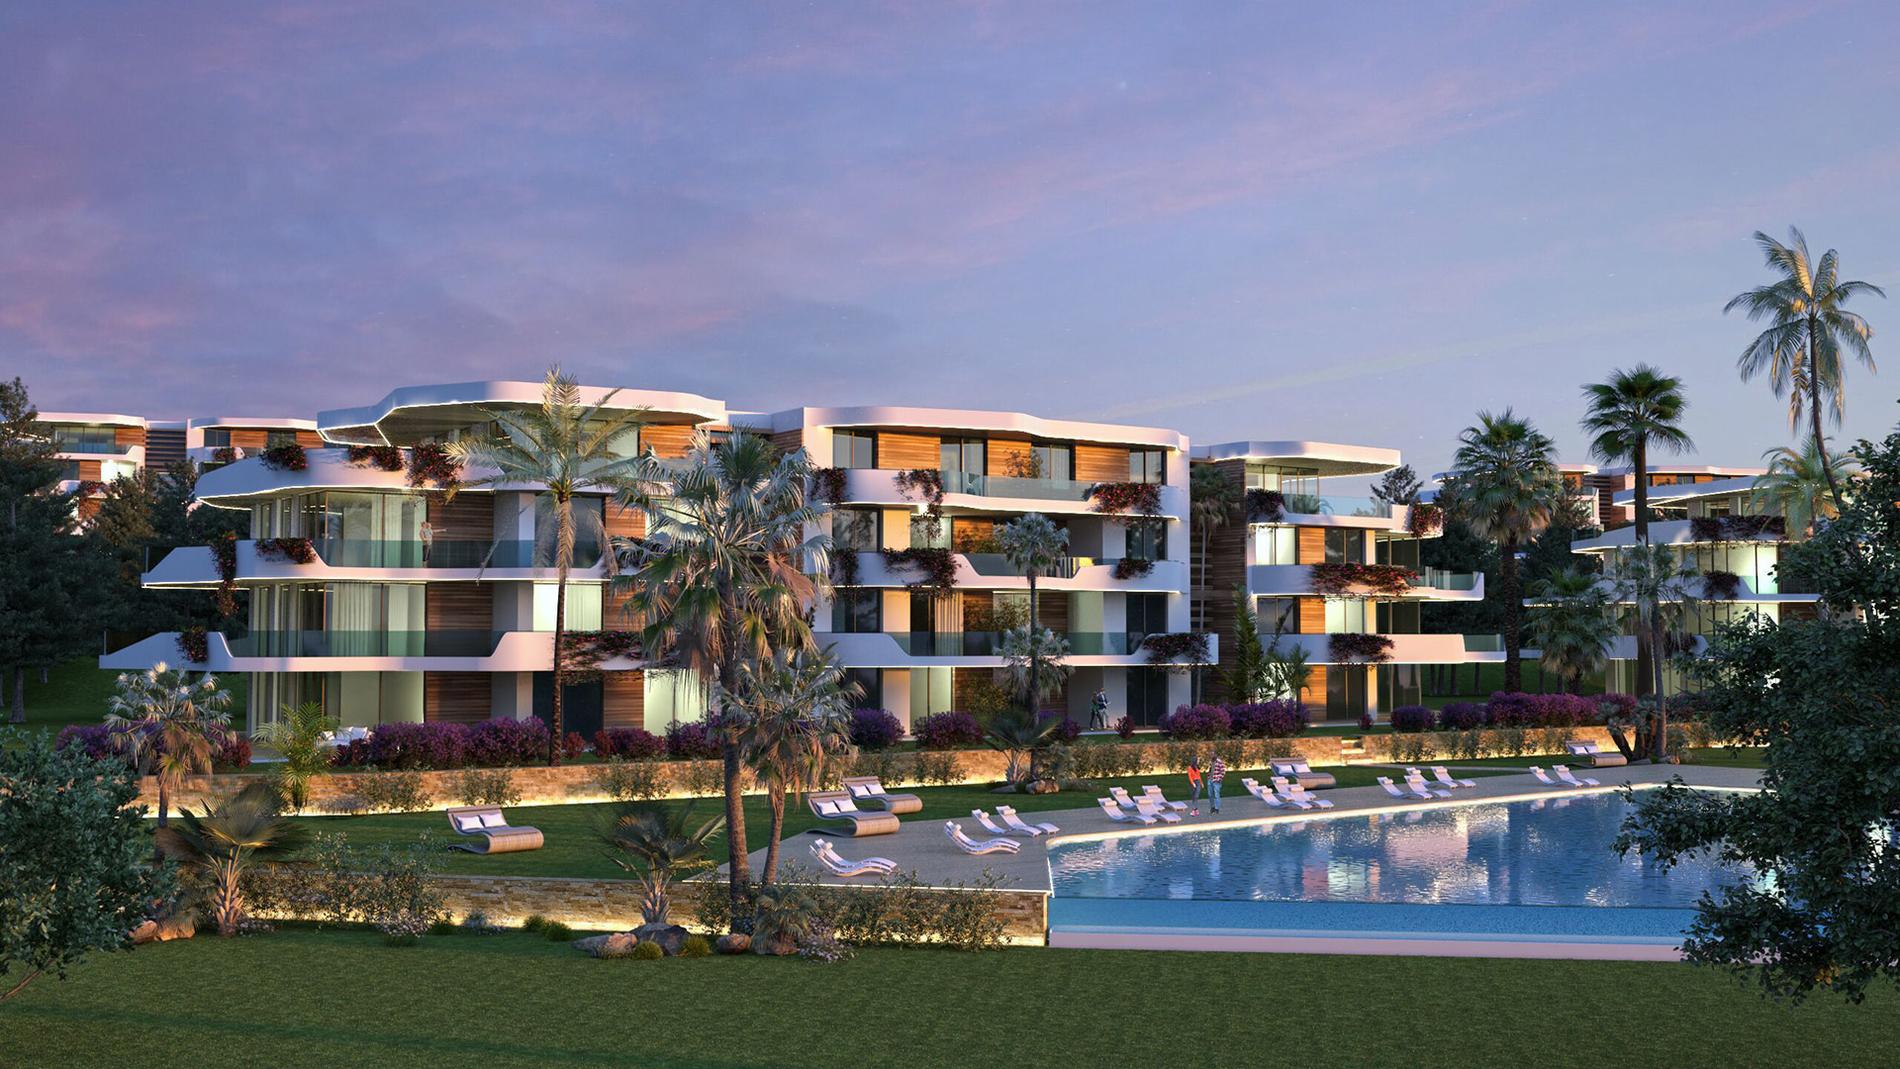 magnifiques-appartement-luxe-a-vendre-village-verde-reserva-club-espaces-communs-uniques-technologies-dernier-cri-installations-sportives